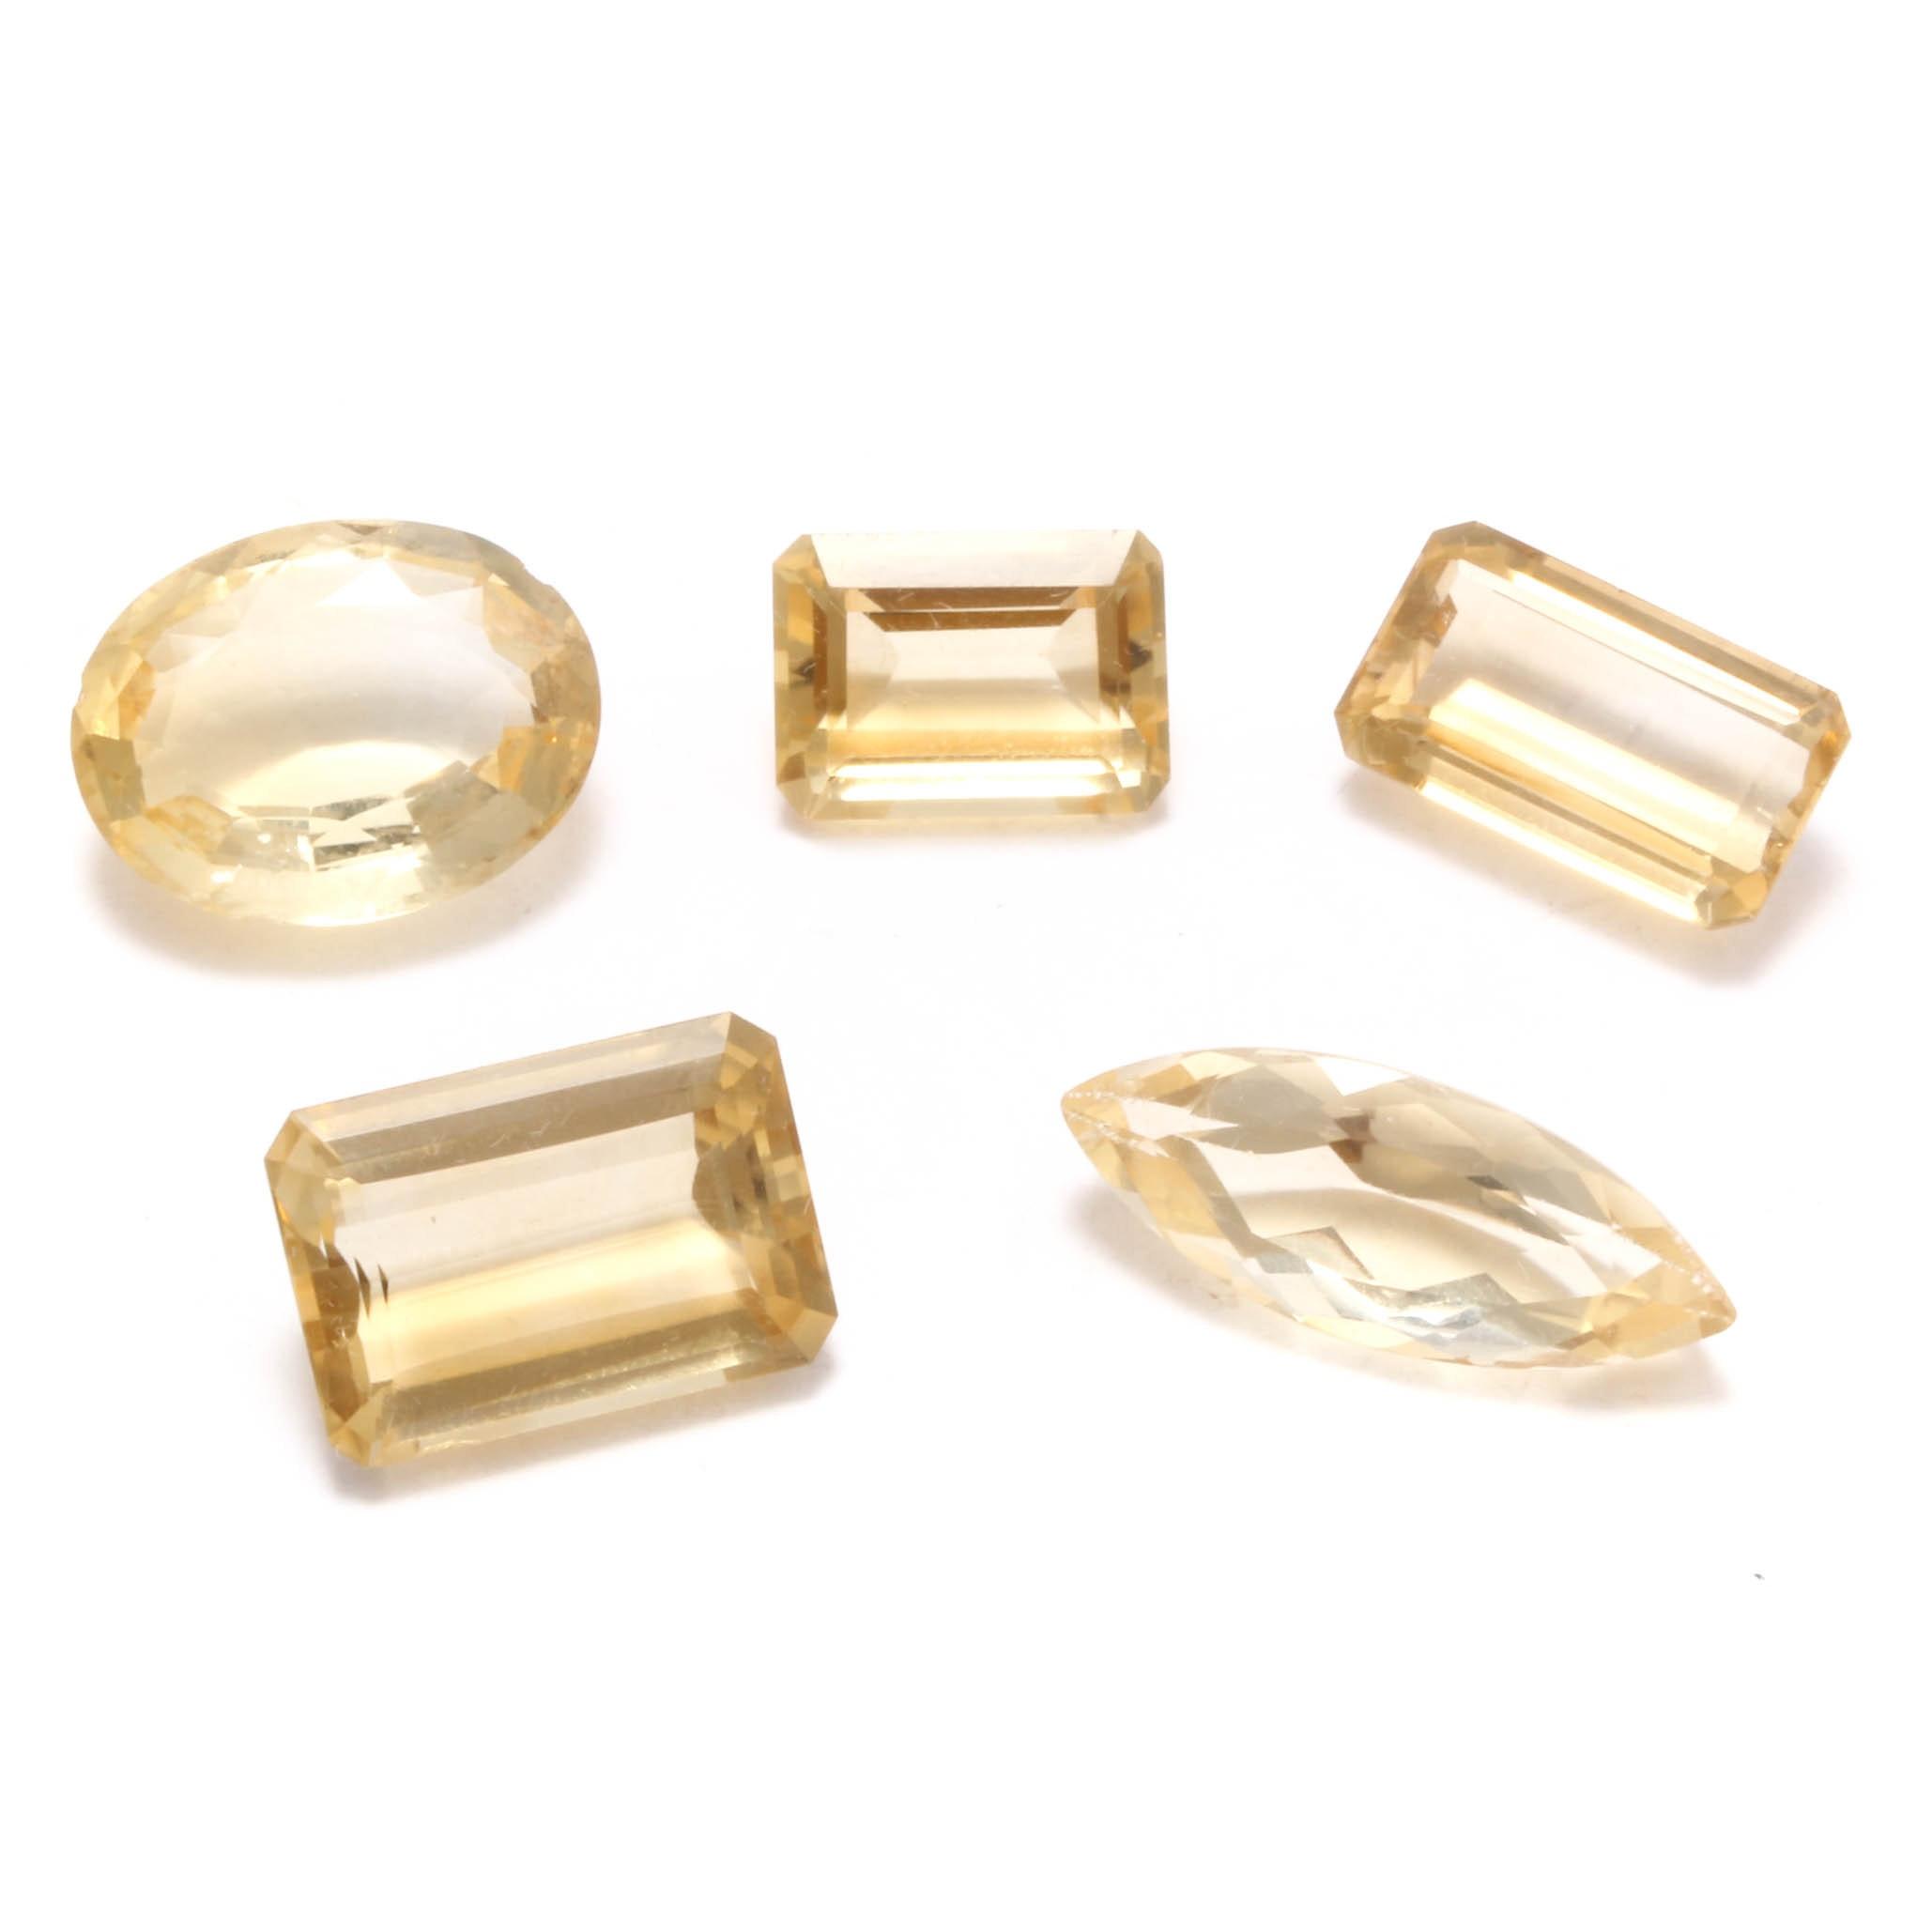 Loose 64.24 CTW Citrine Gemstones